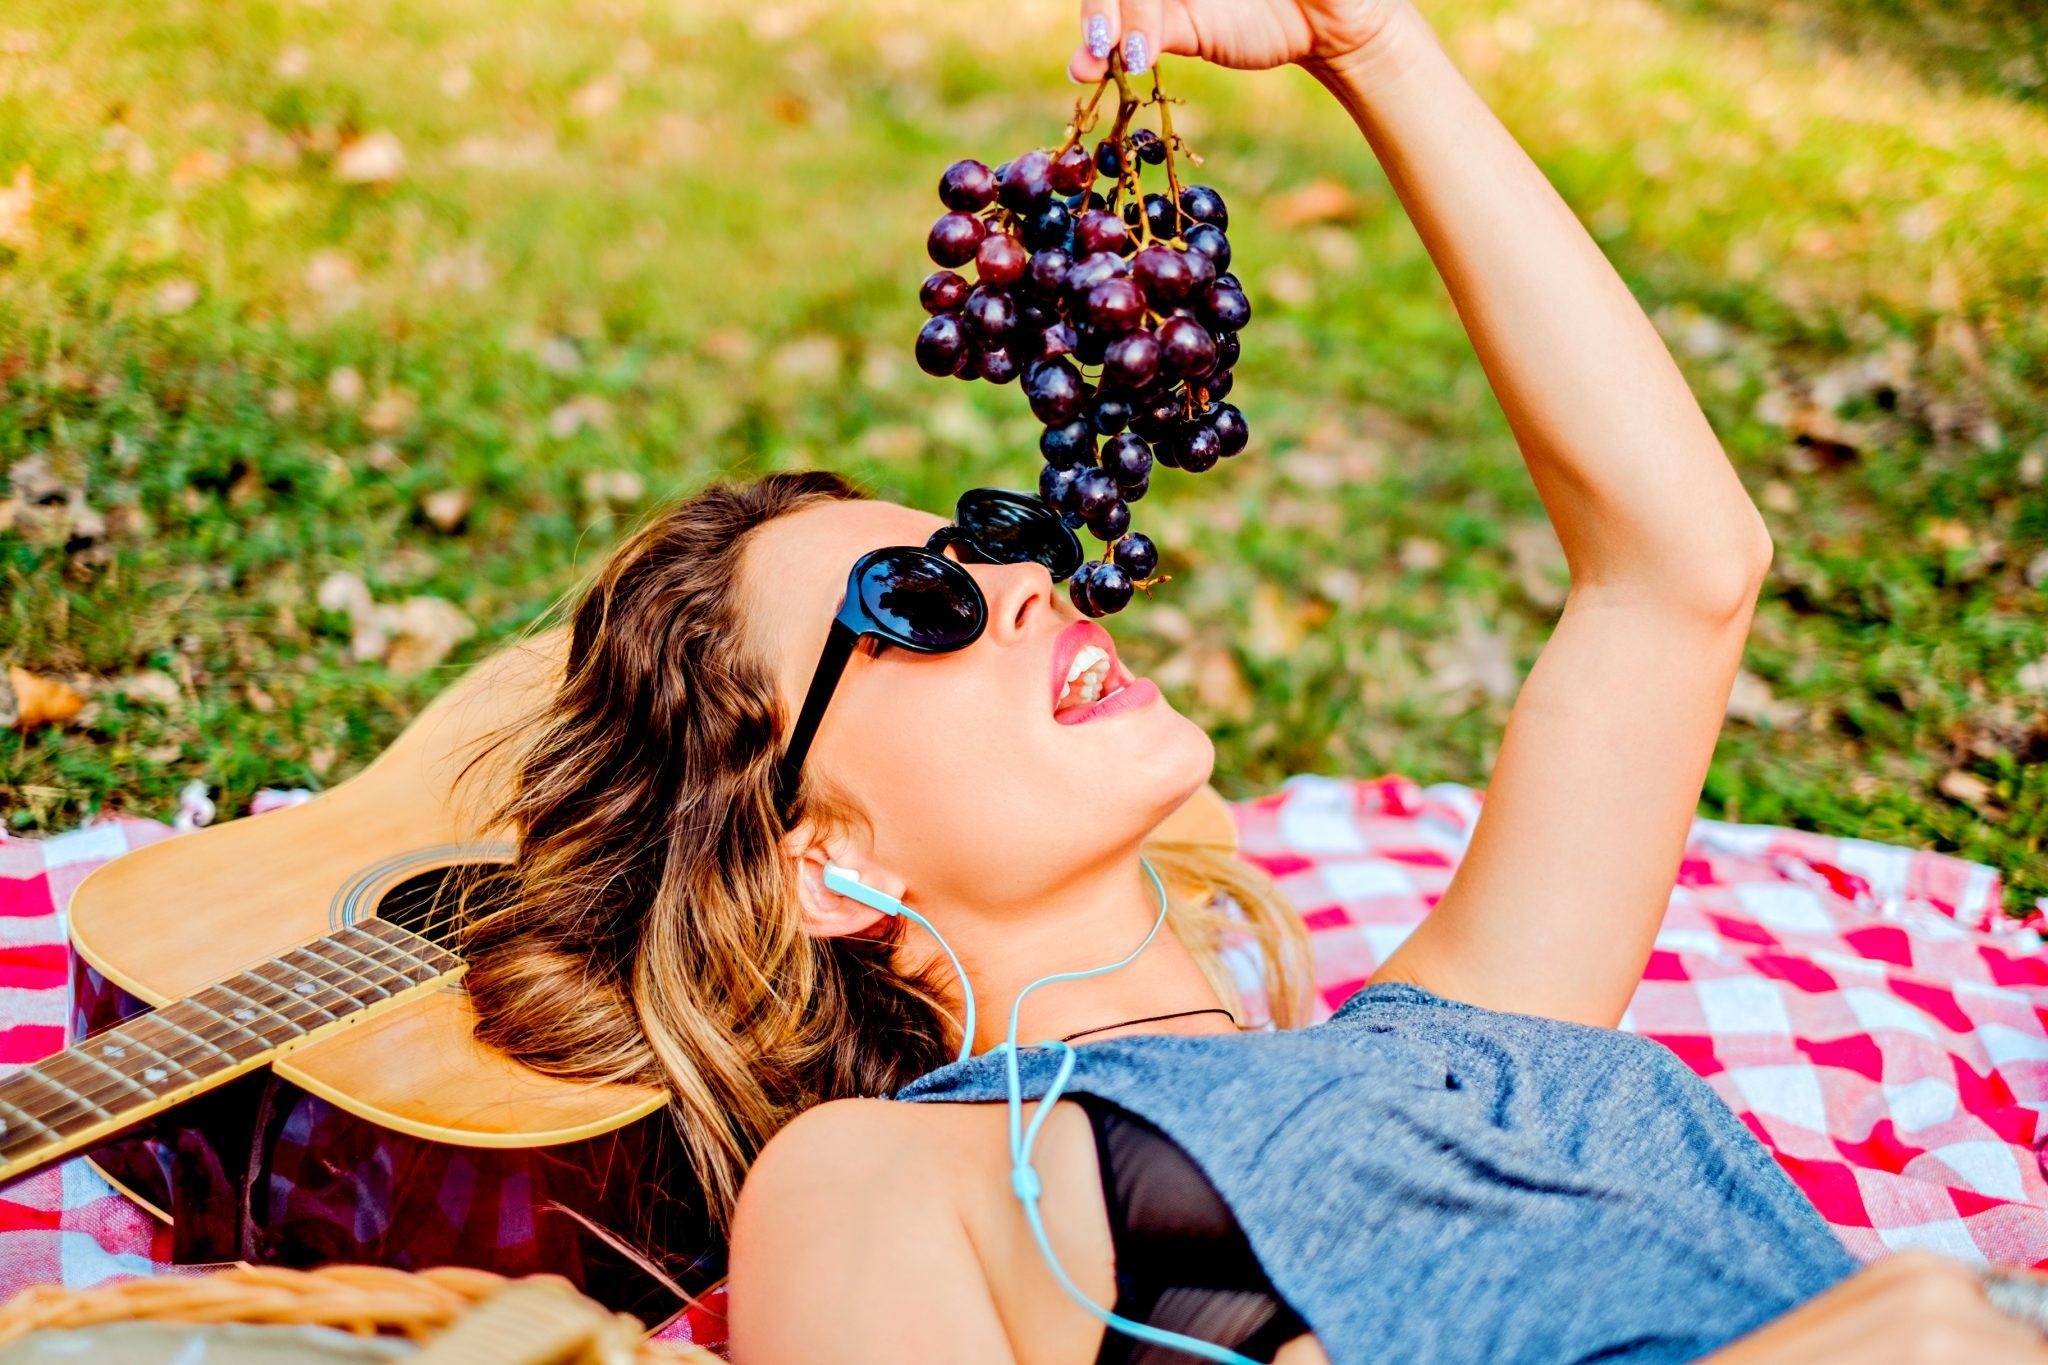 ぶどうを横になりながら外で食べている女性